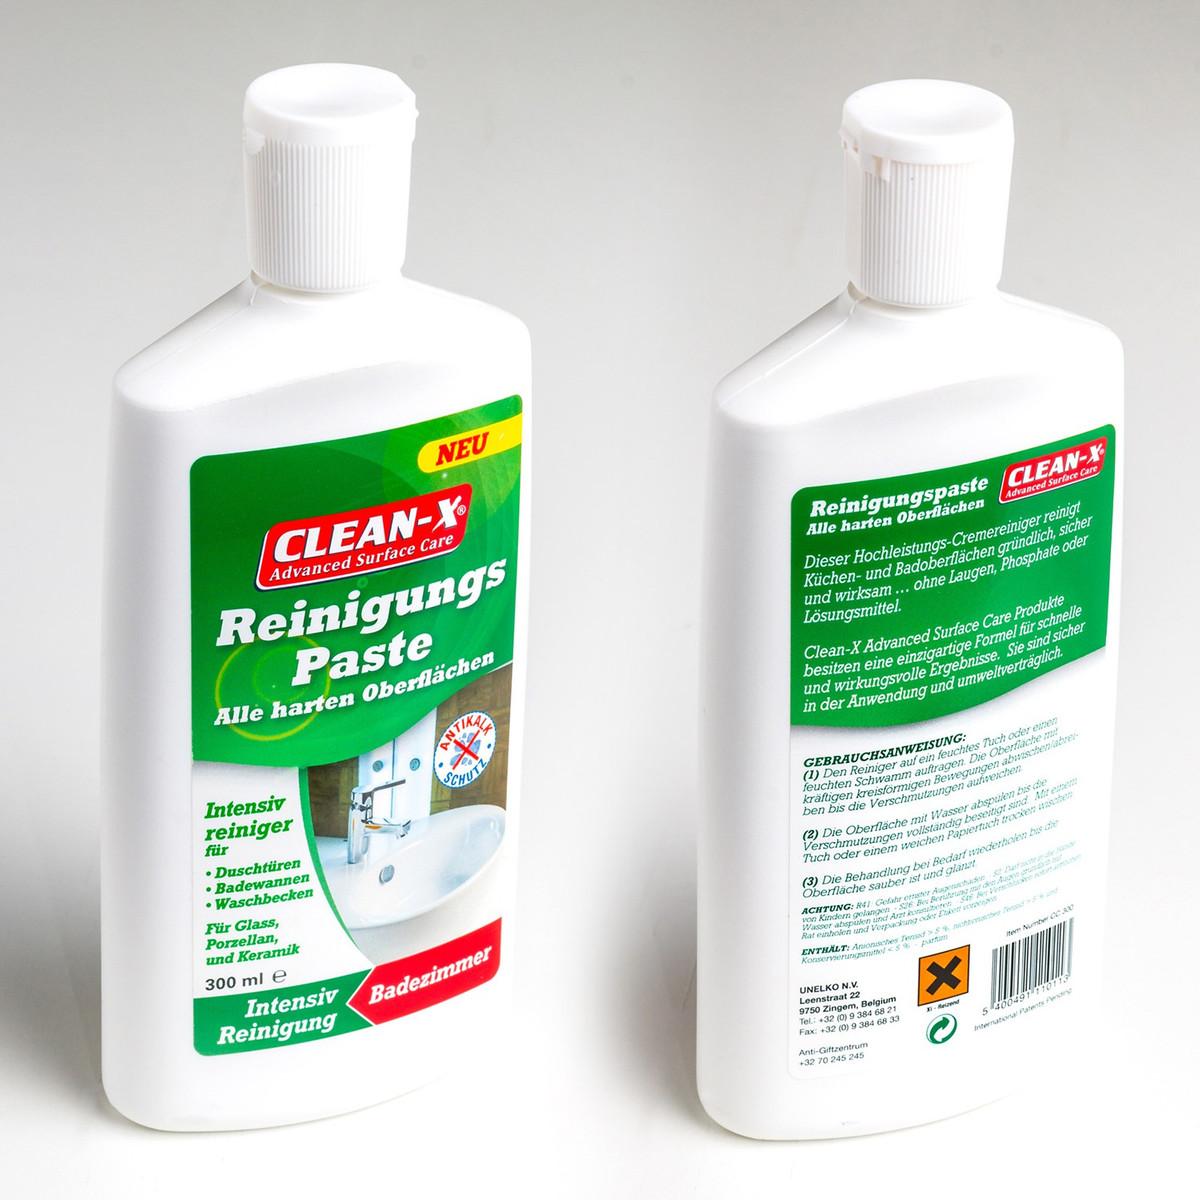 Clean-X Reinigungspaste für harte Oberflächen